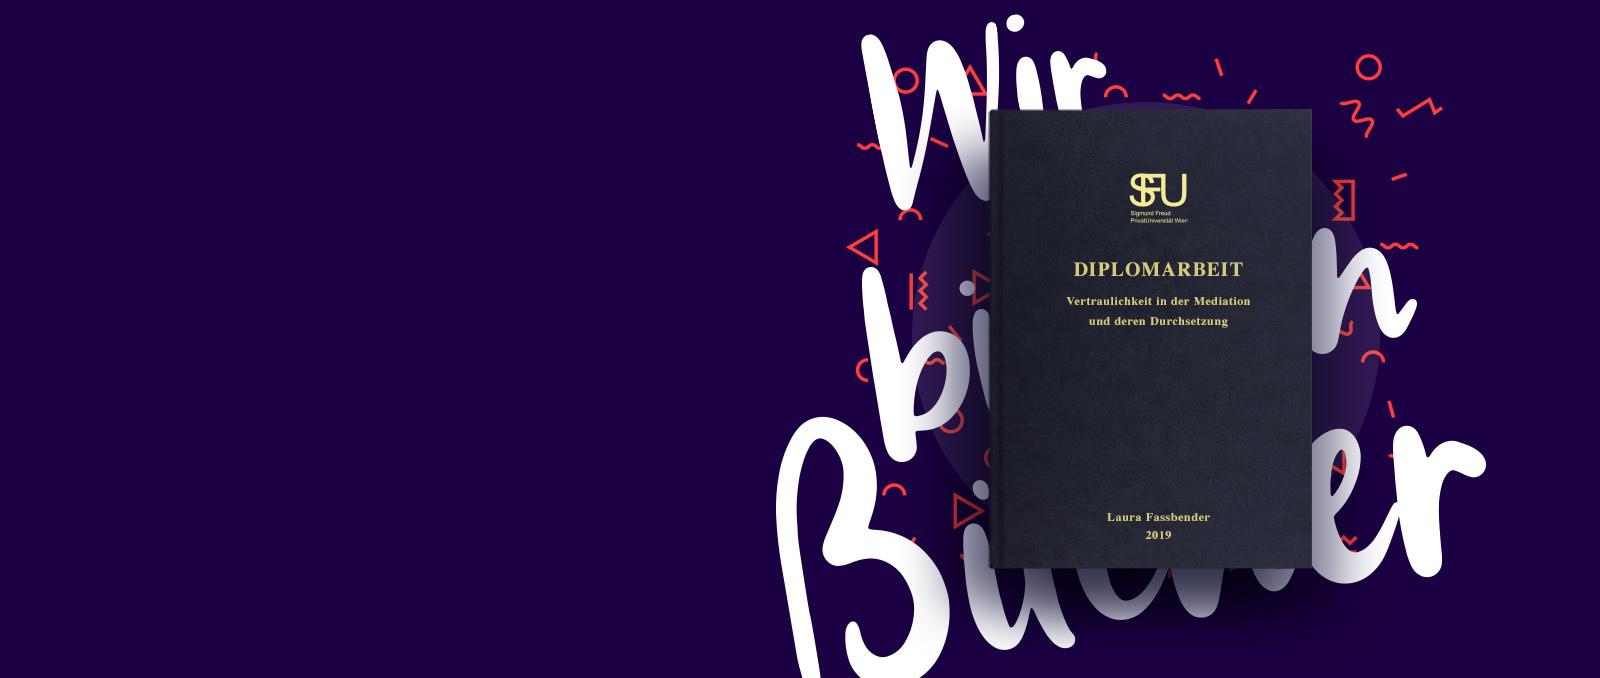 Diplomarbeit drucken & binden Sigmund Freud Uni